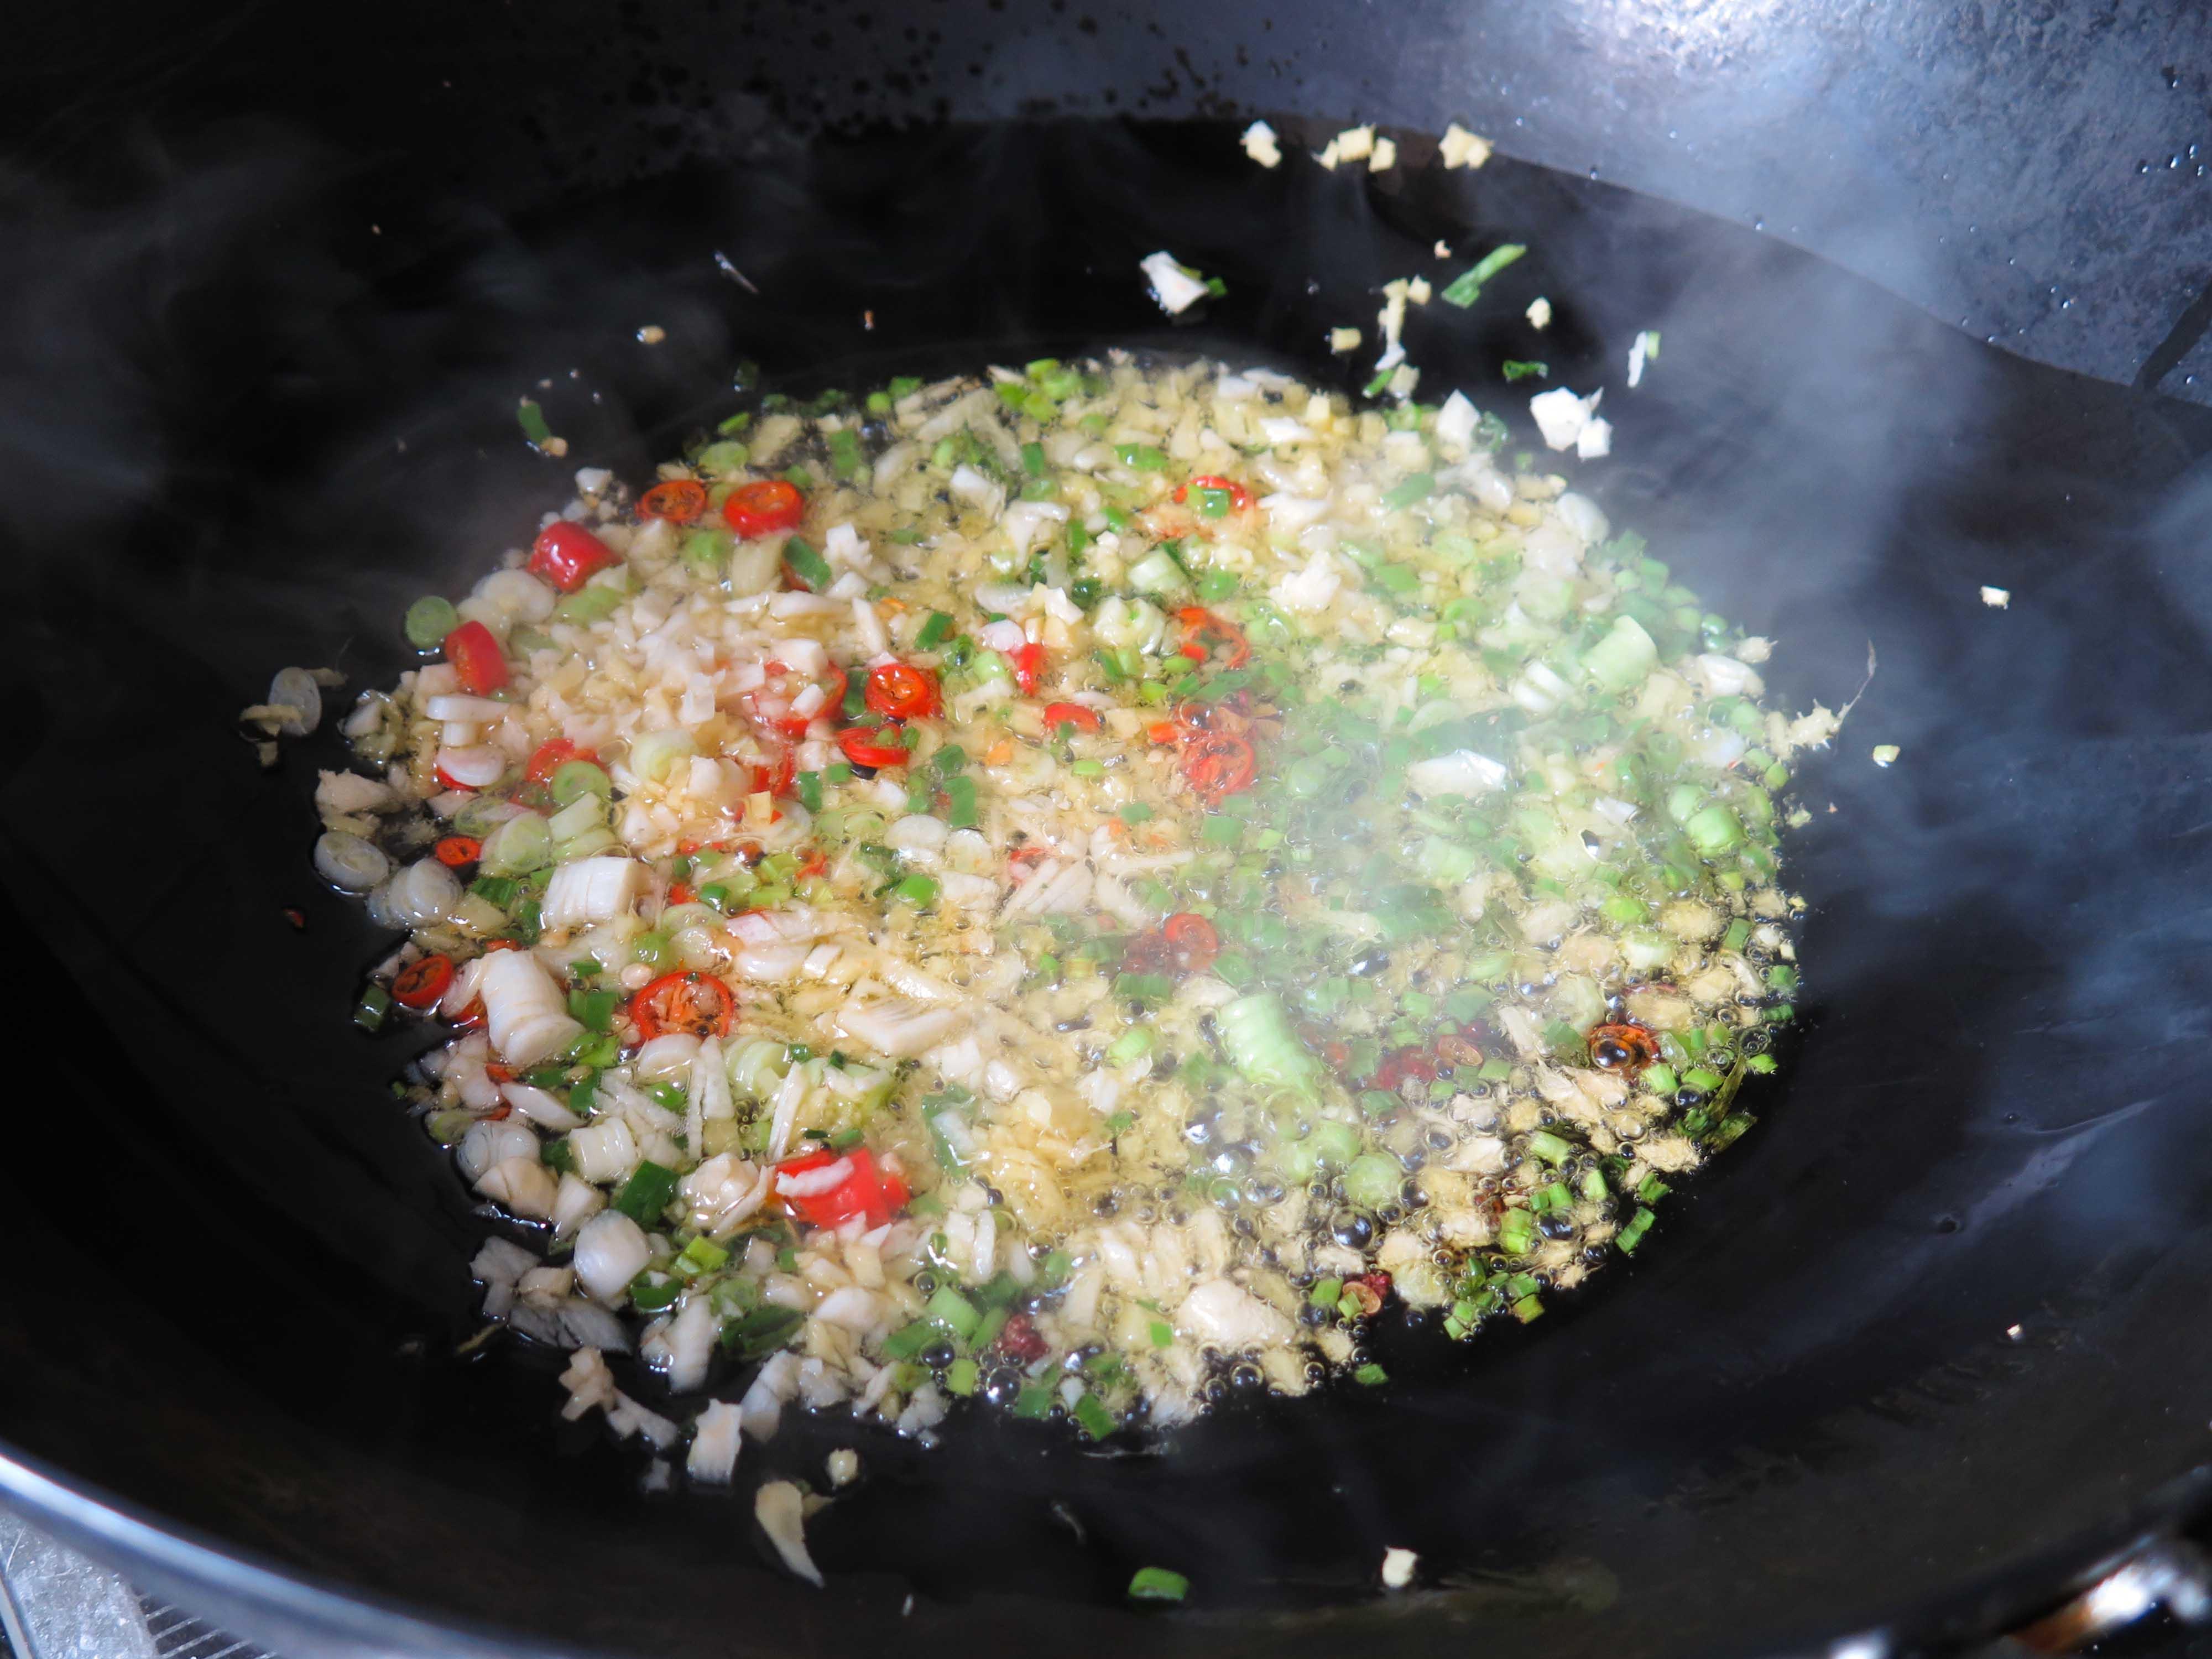 Freímos todo junto hasta que toda la cocina huela a jenjibre y ajo.